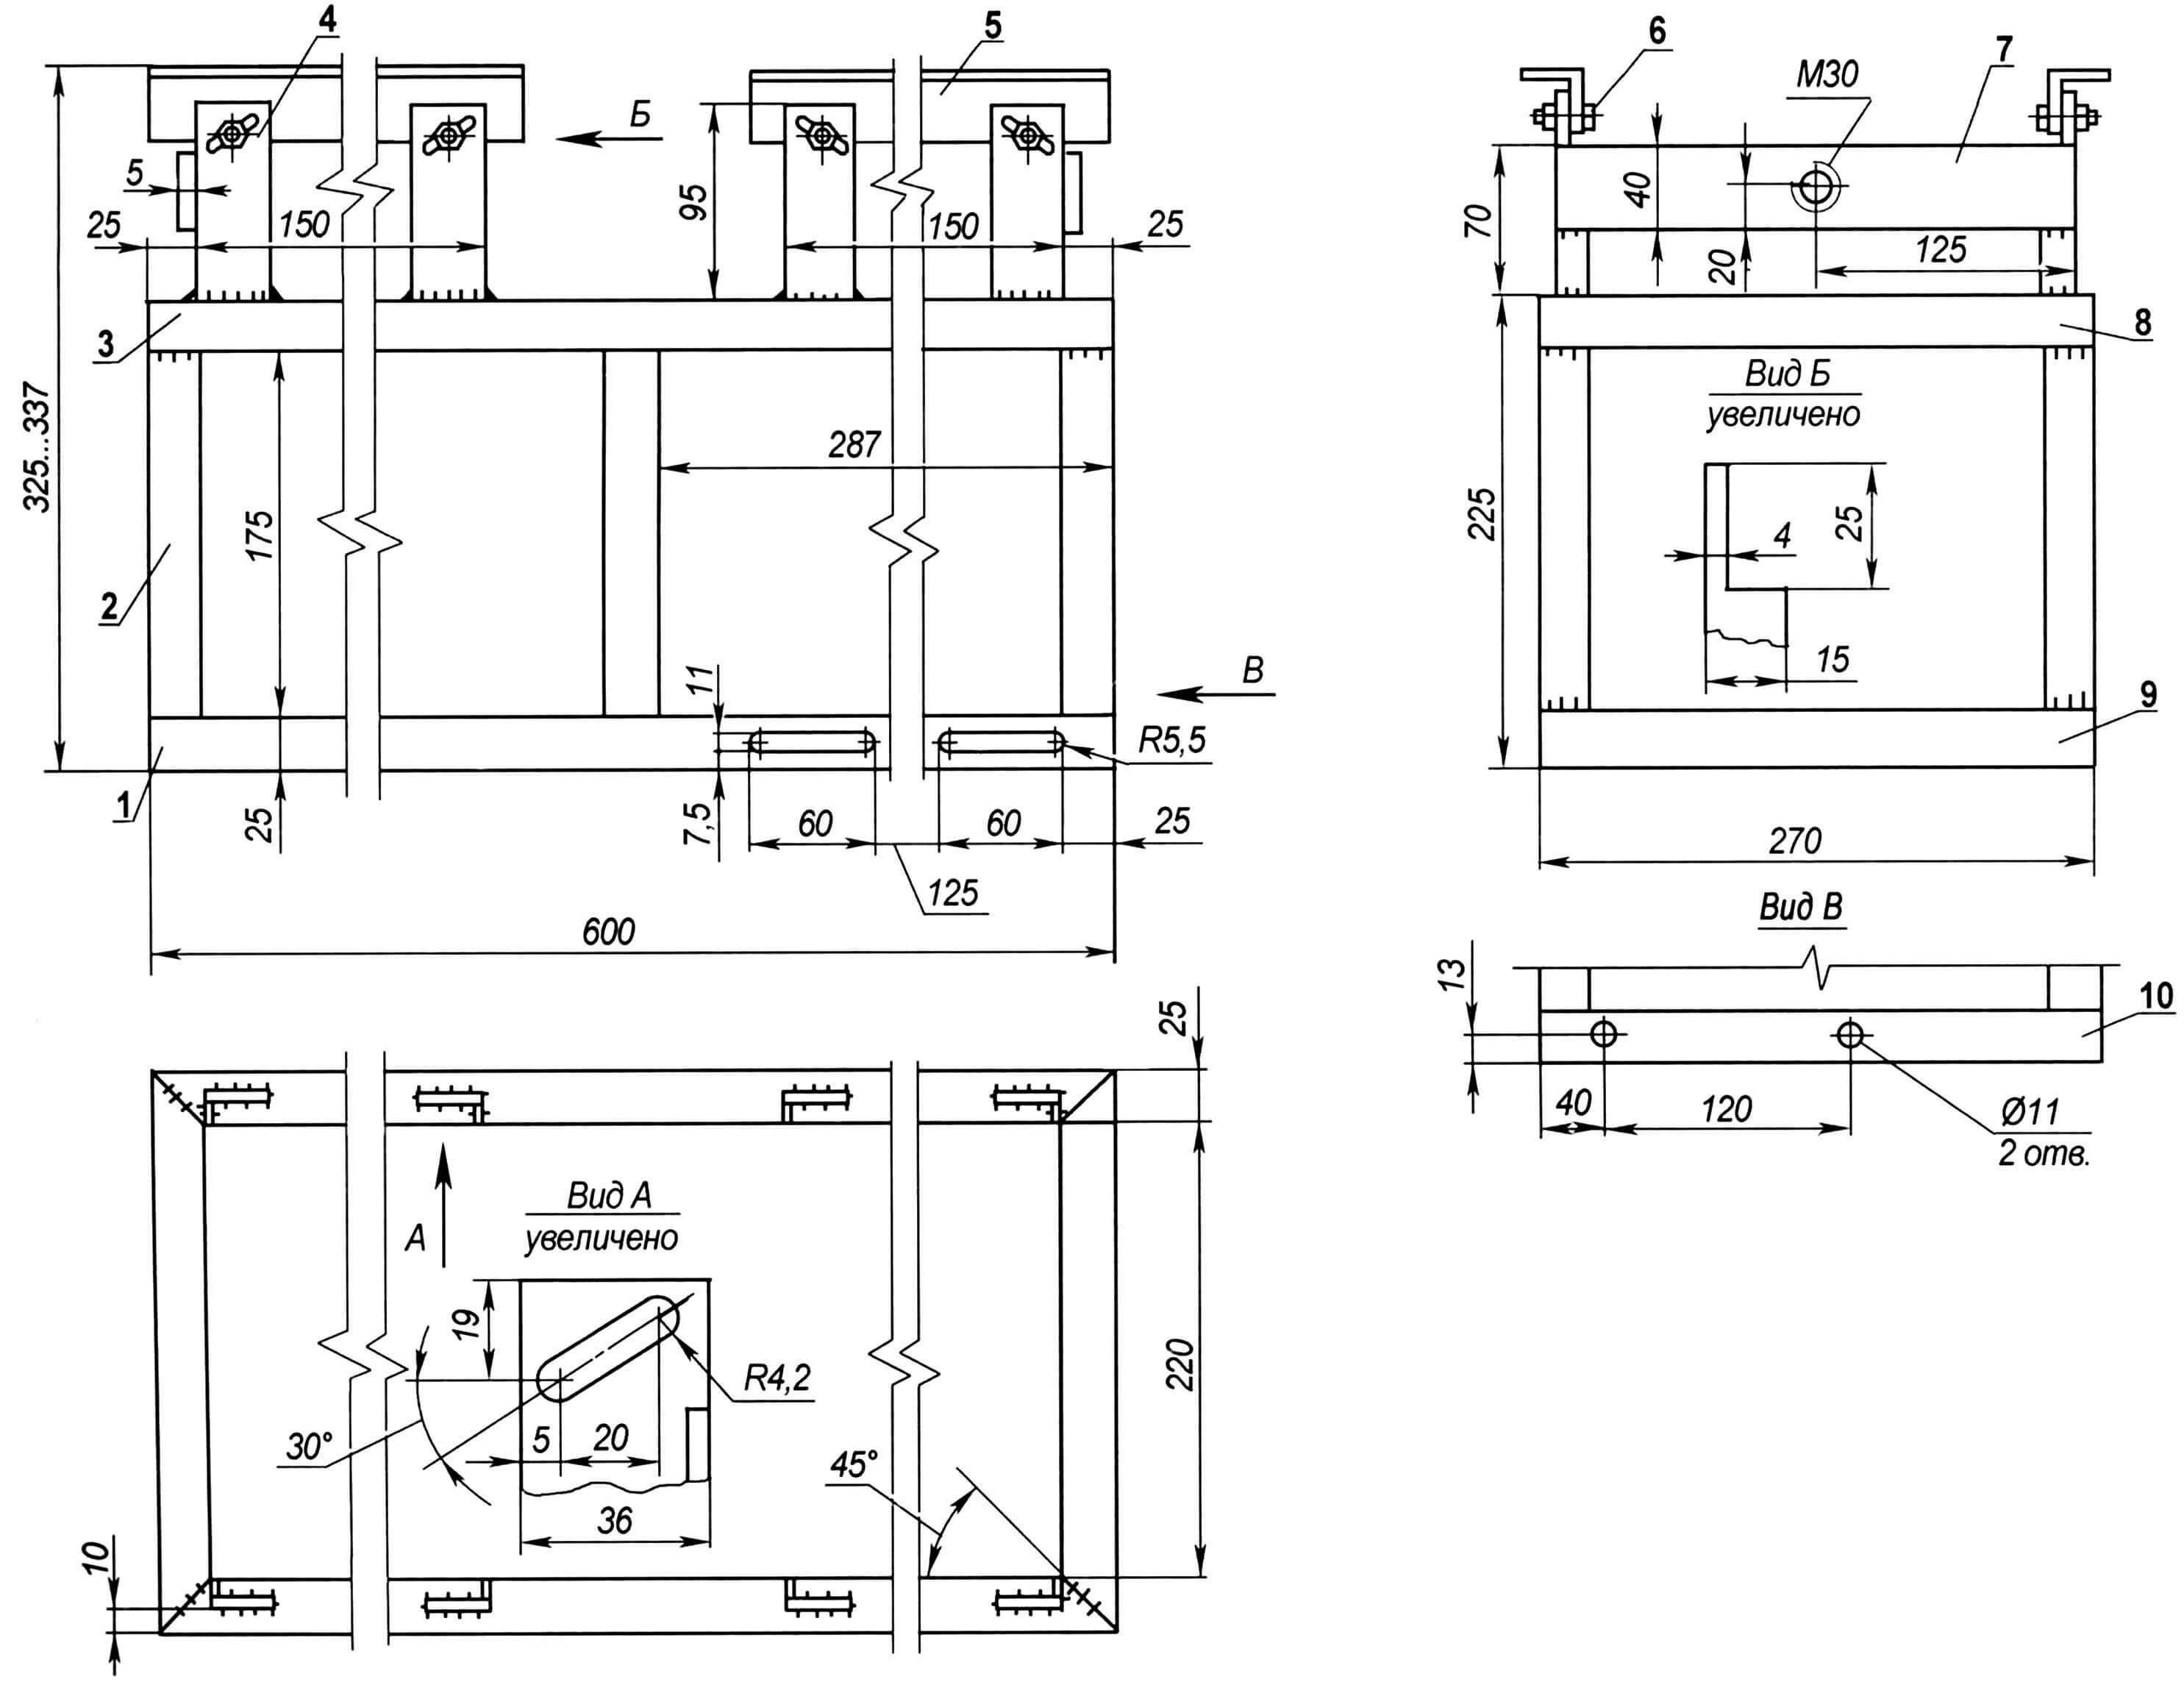 Рама (все детали, кроме указанных особо, выполнены из уголка 25x25 мм; для наглядности ширина полок уголков увеличена):